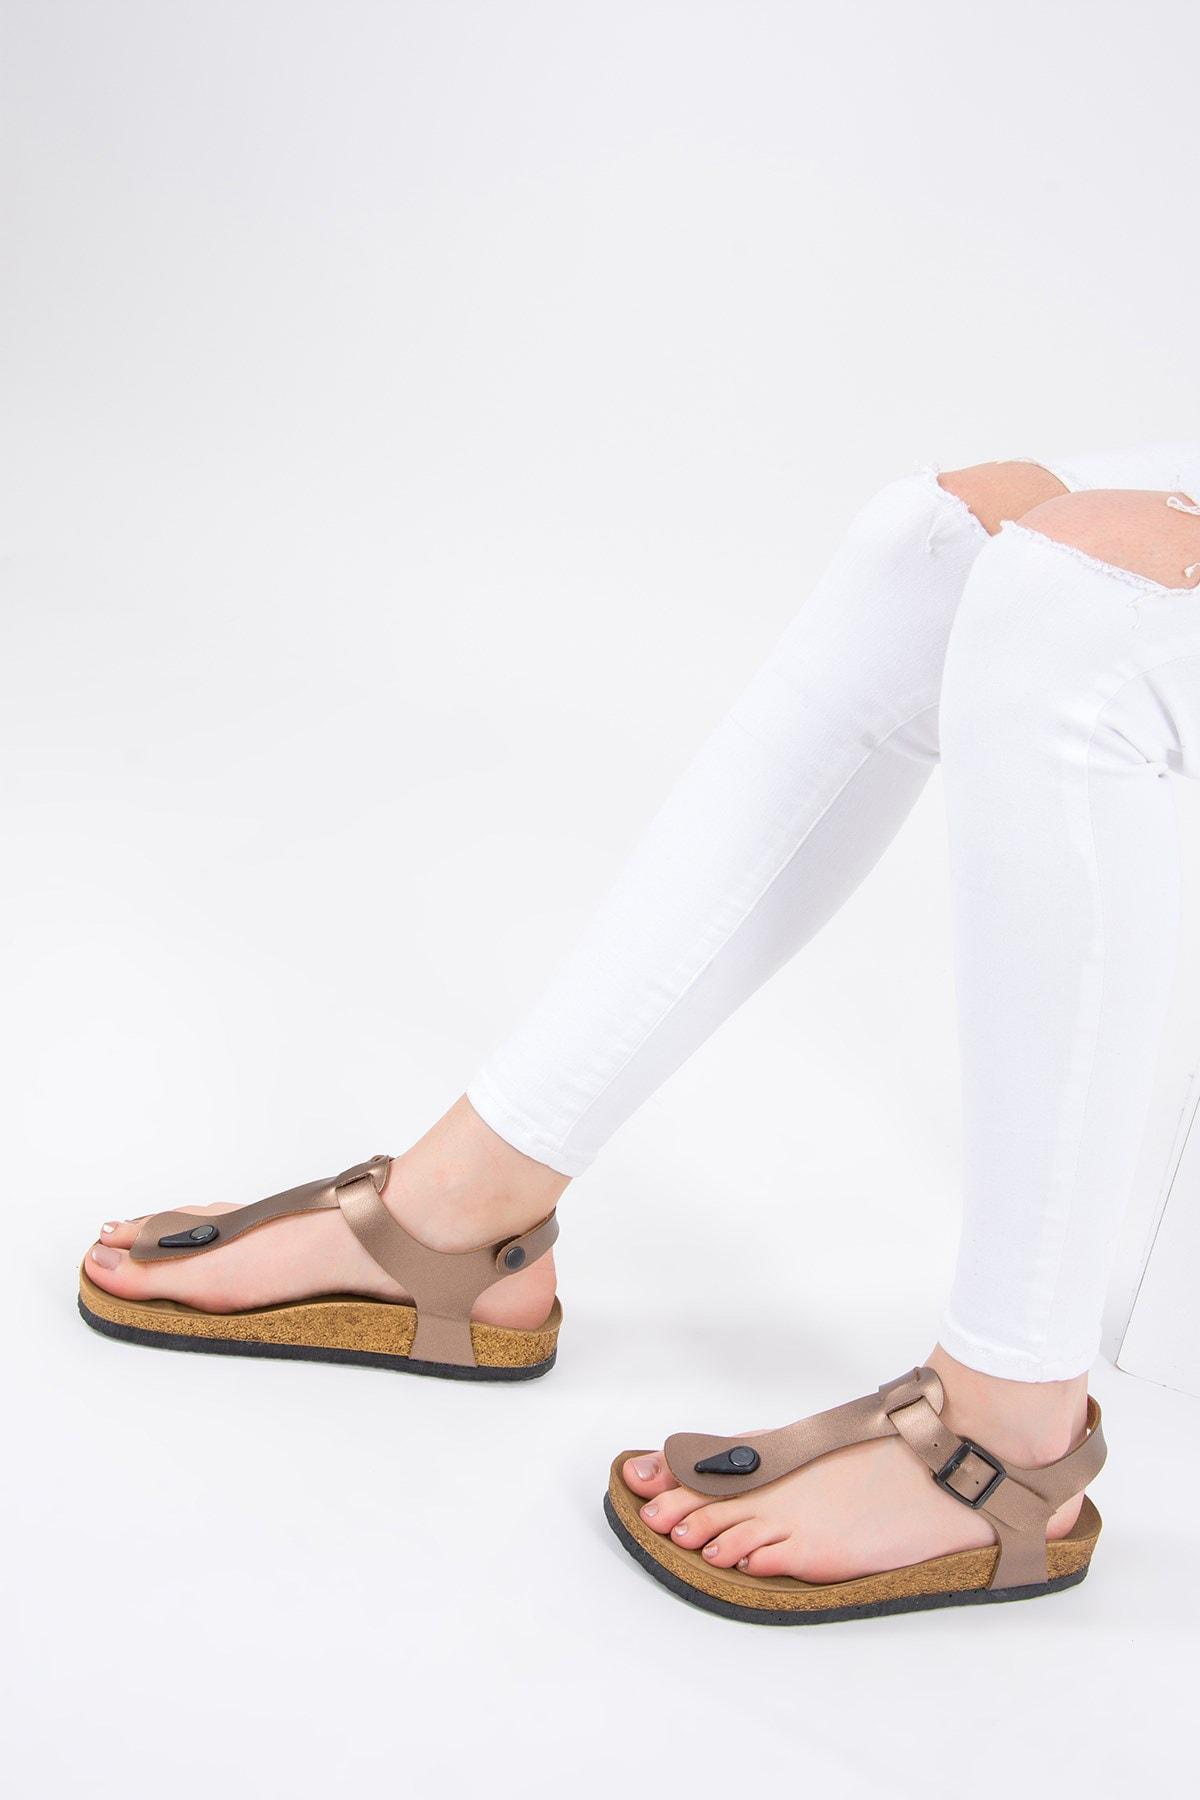 Fox Shoes Bronz Kadın Sandalet B777805009 2